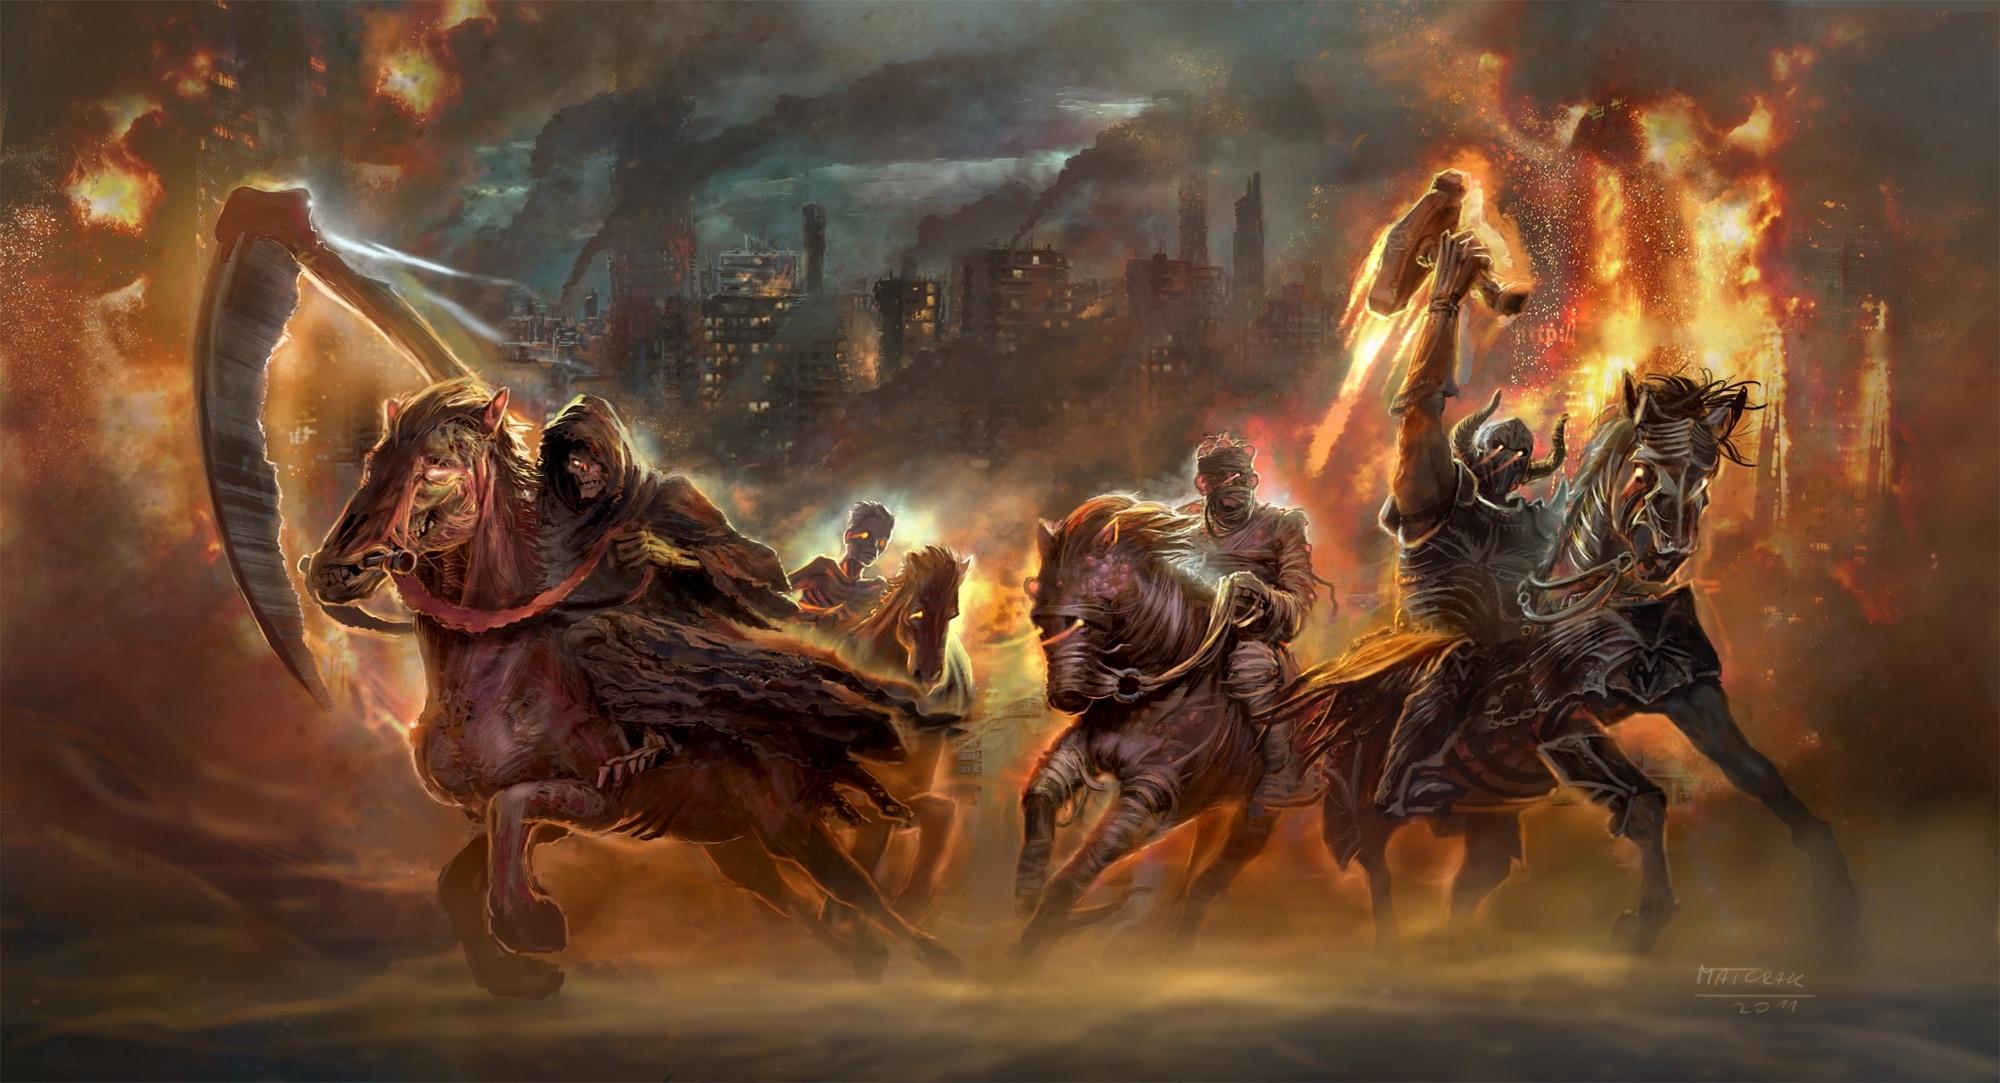 the four horsemen of the apocalypse full hd fond d'écran and arrière